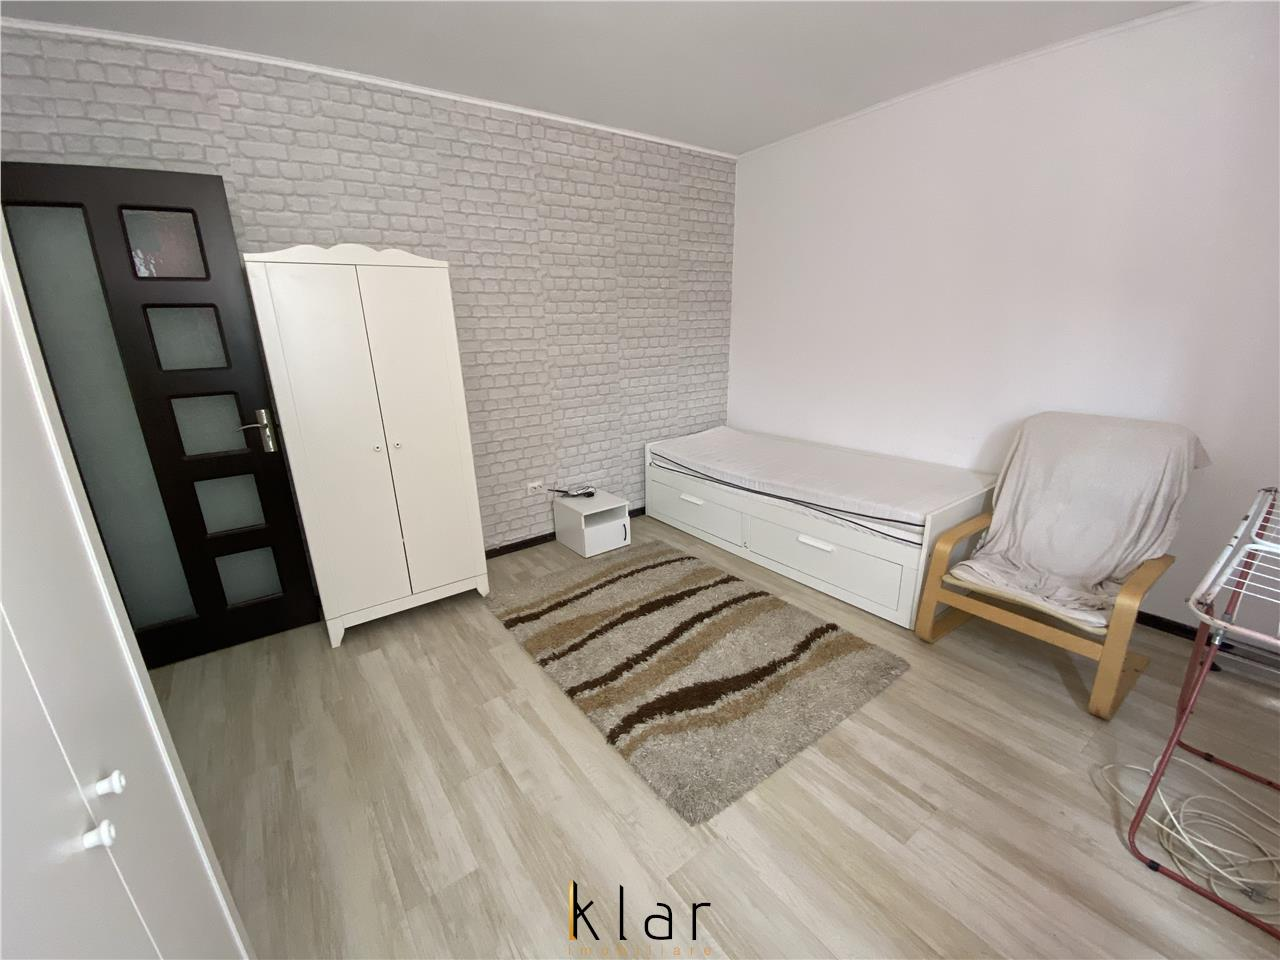 Apartament 3 camere, complet mobilat si utilat, zona Florilor